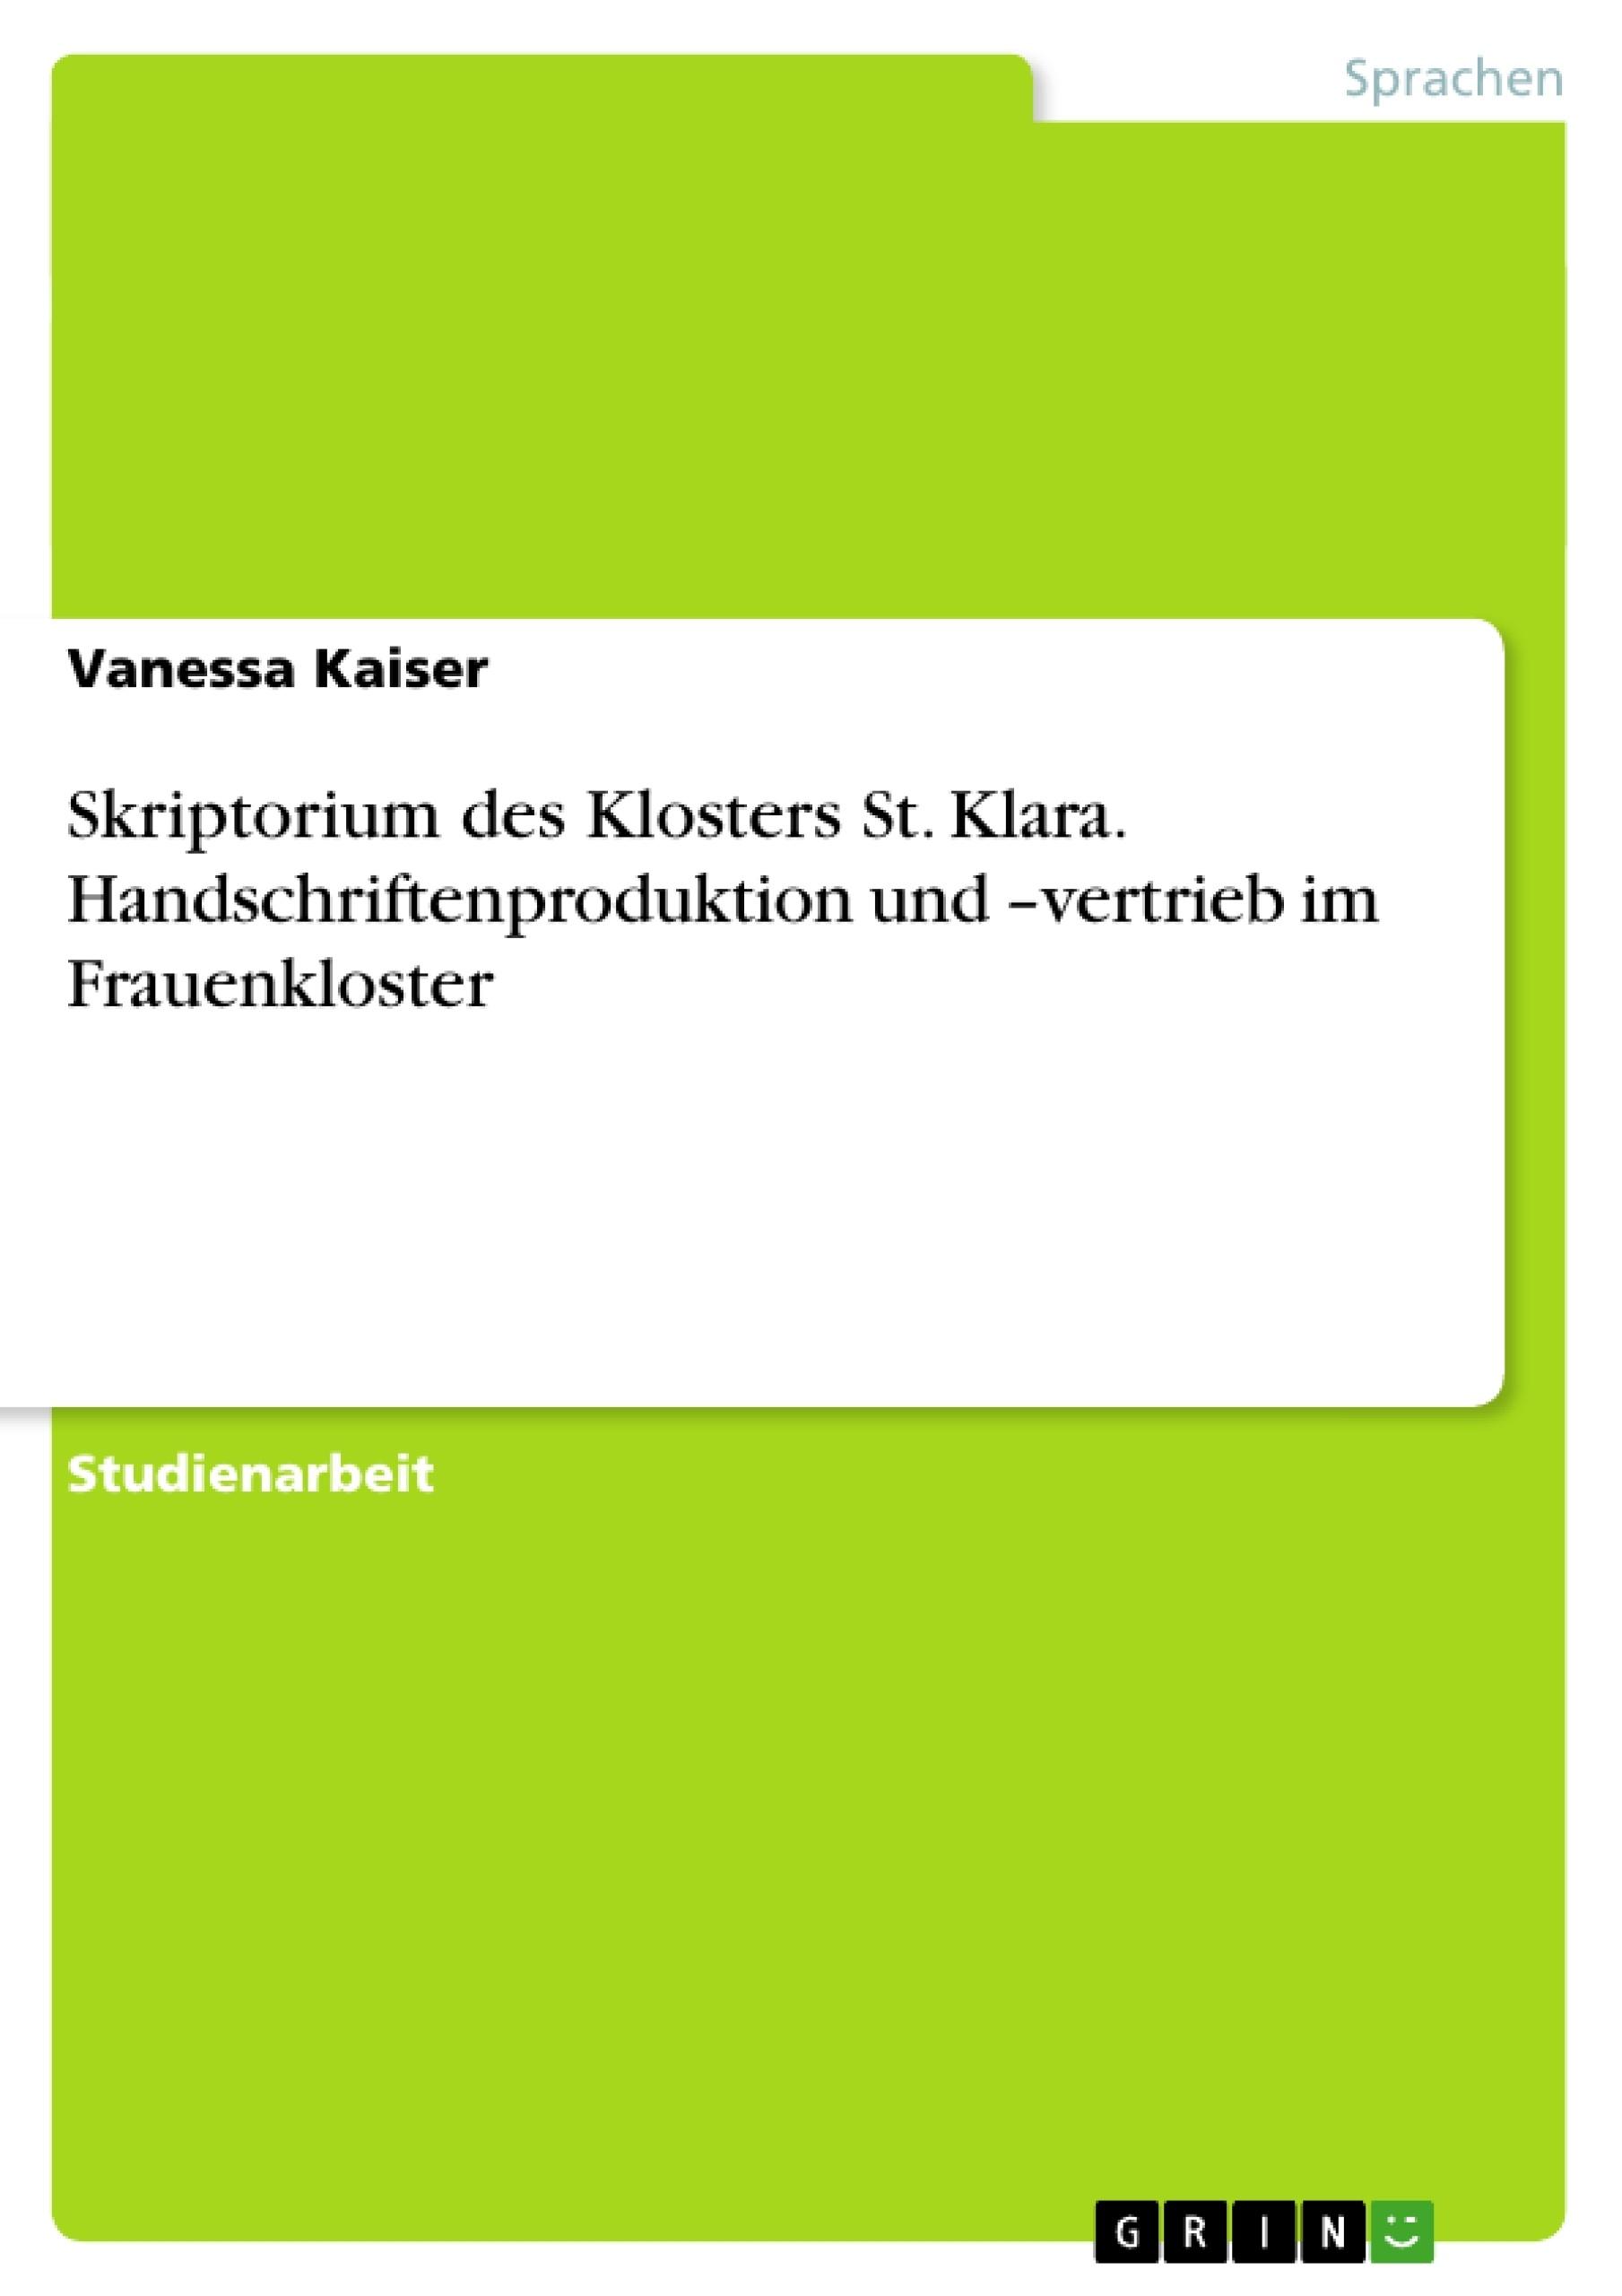 Titel: Skriptorium des Klosters St. Klara. Handschriftenproduktion und –vertrieb im Frauenkloster